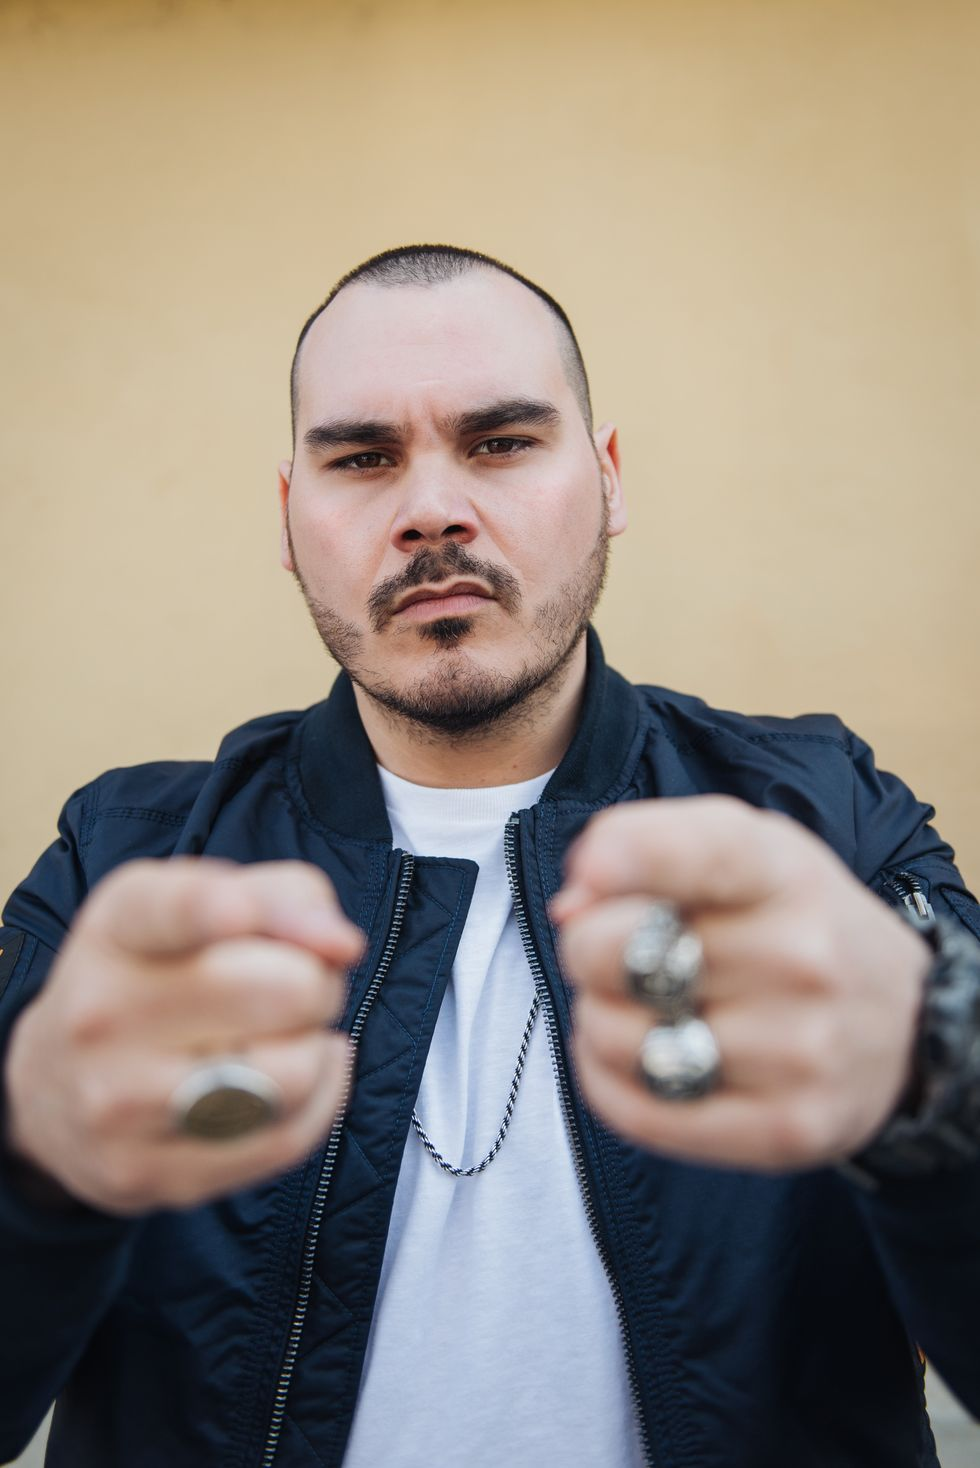 """Ensi: """"La mia vita a tempo di rap"""" - Intervista"""